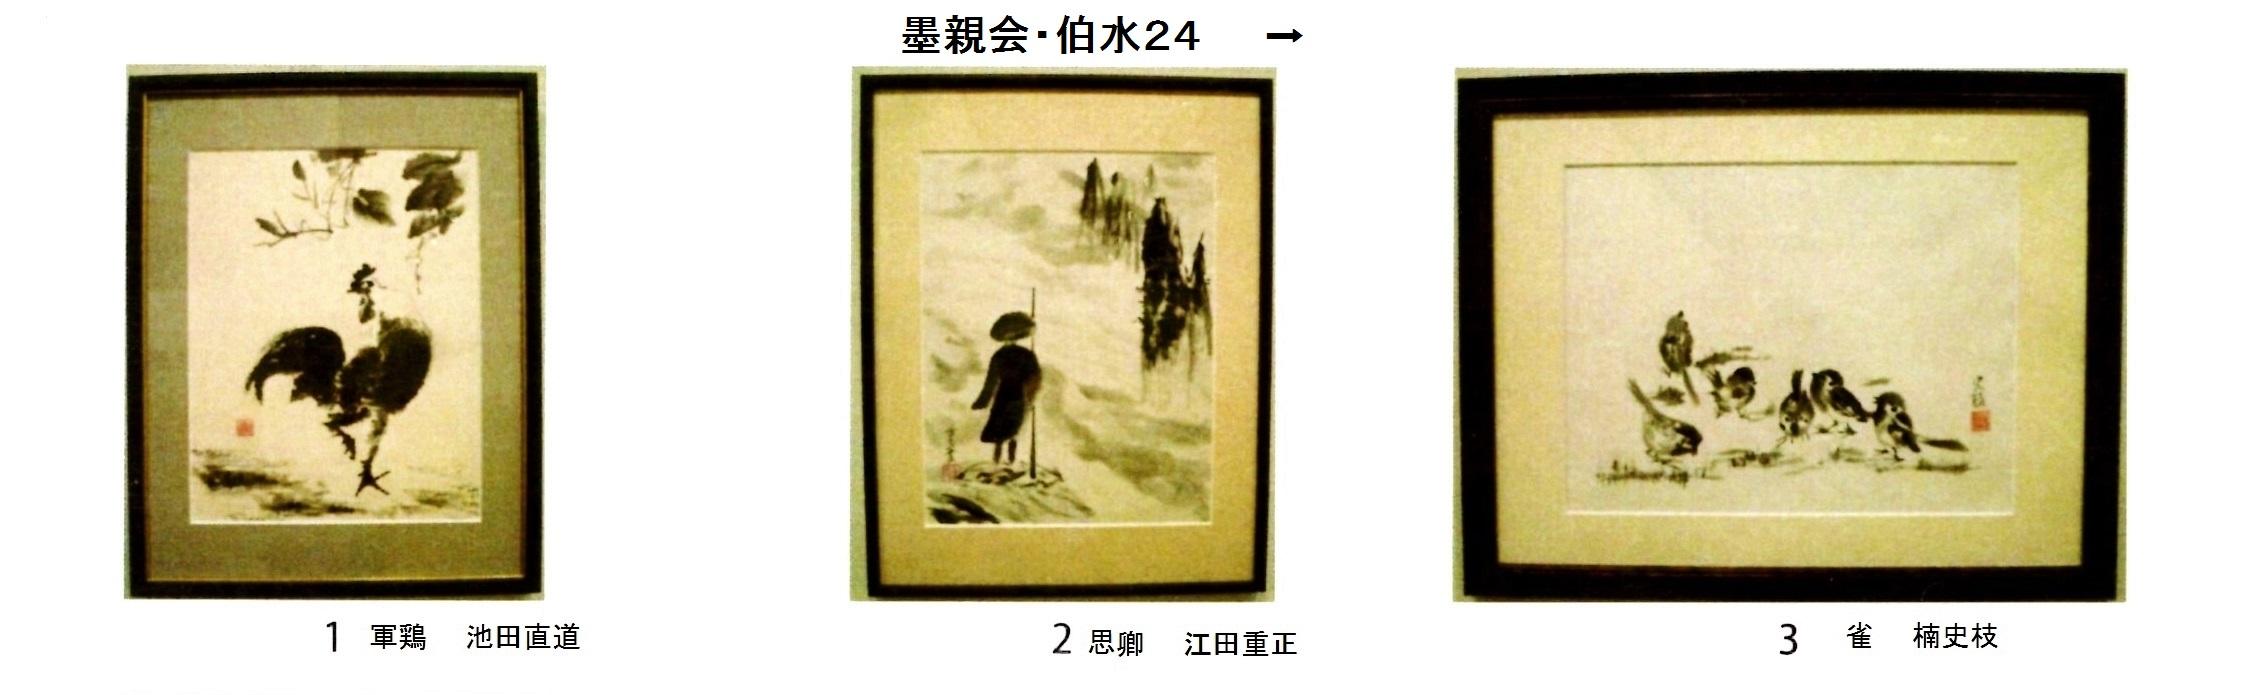 墨親会・伯水24-1~3